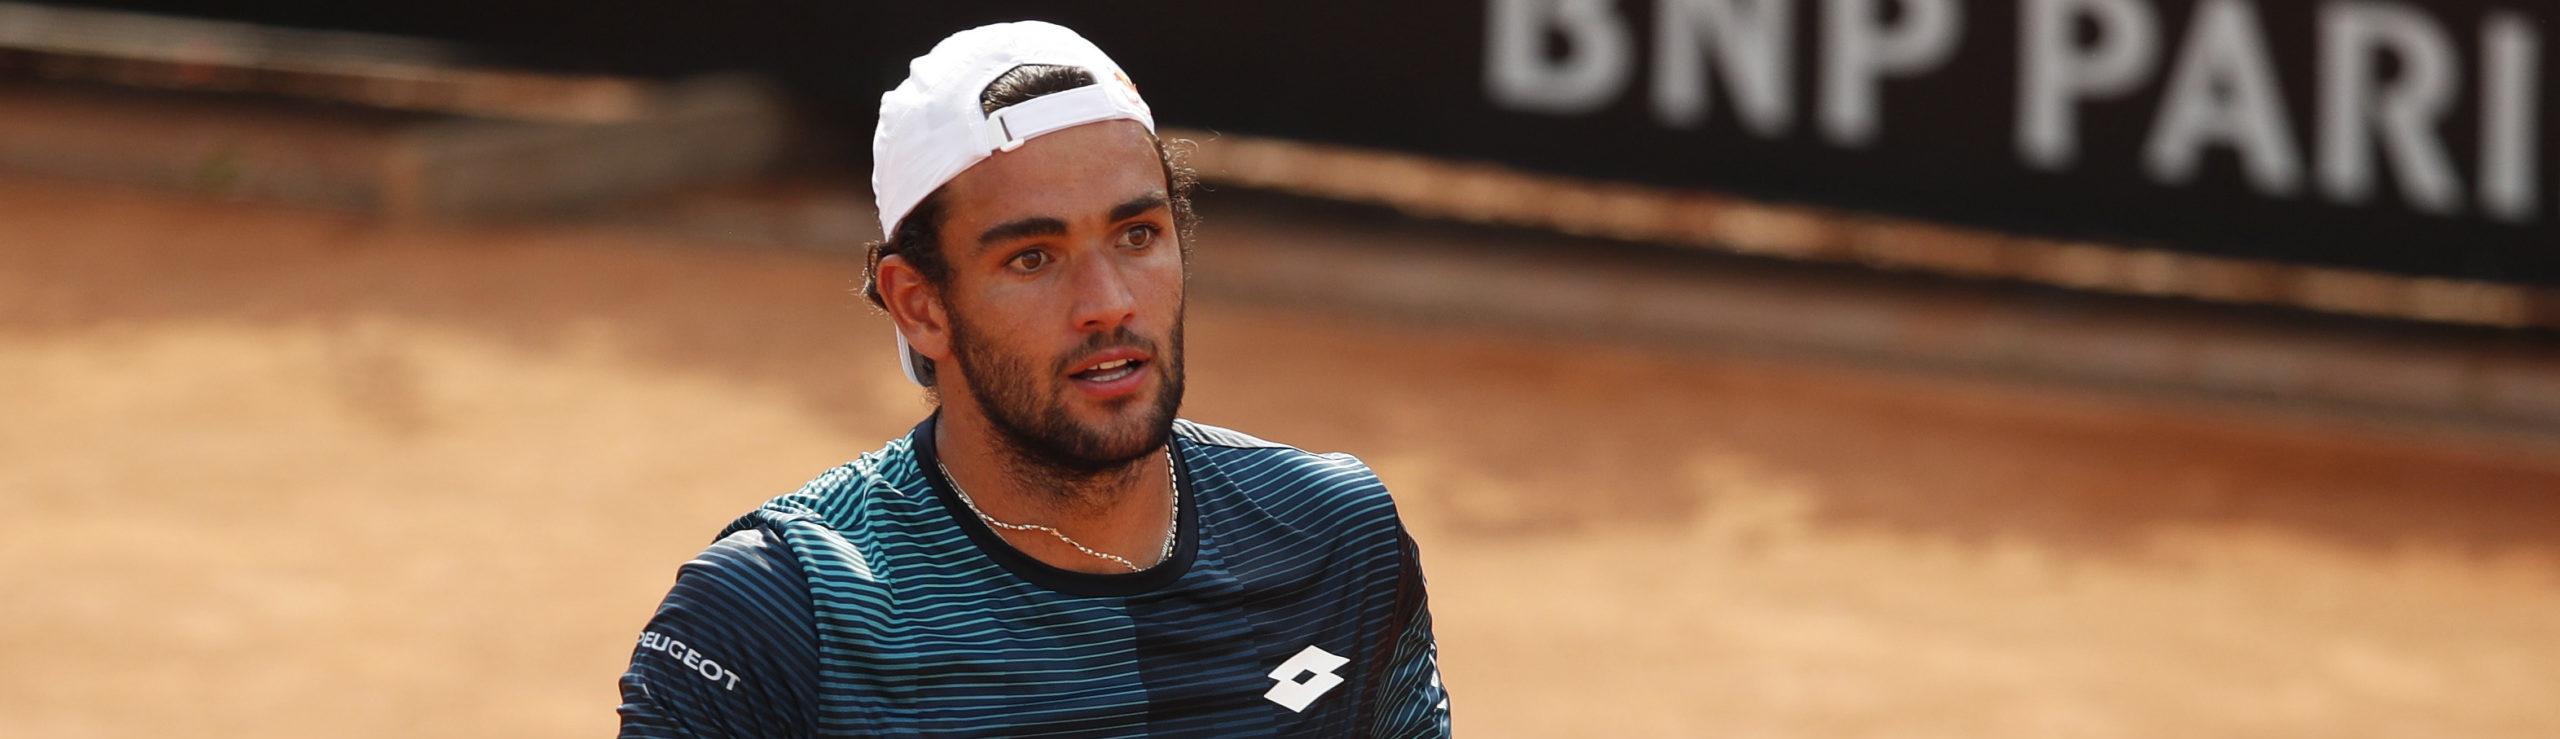 Pronostici e quote Roland Garros: esordio per Berrettini e Djokovic, quattro consigli per il day 3